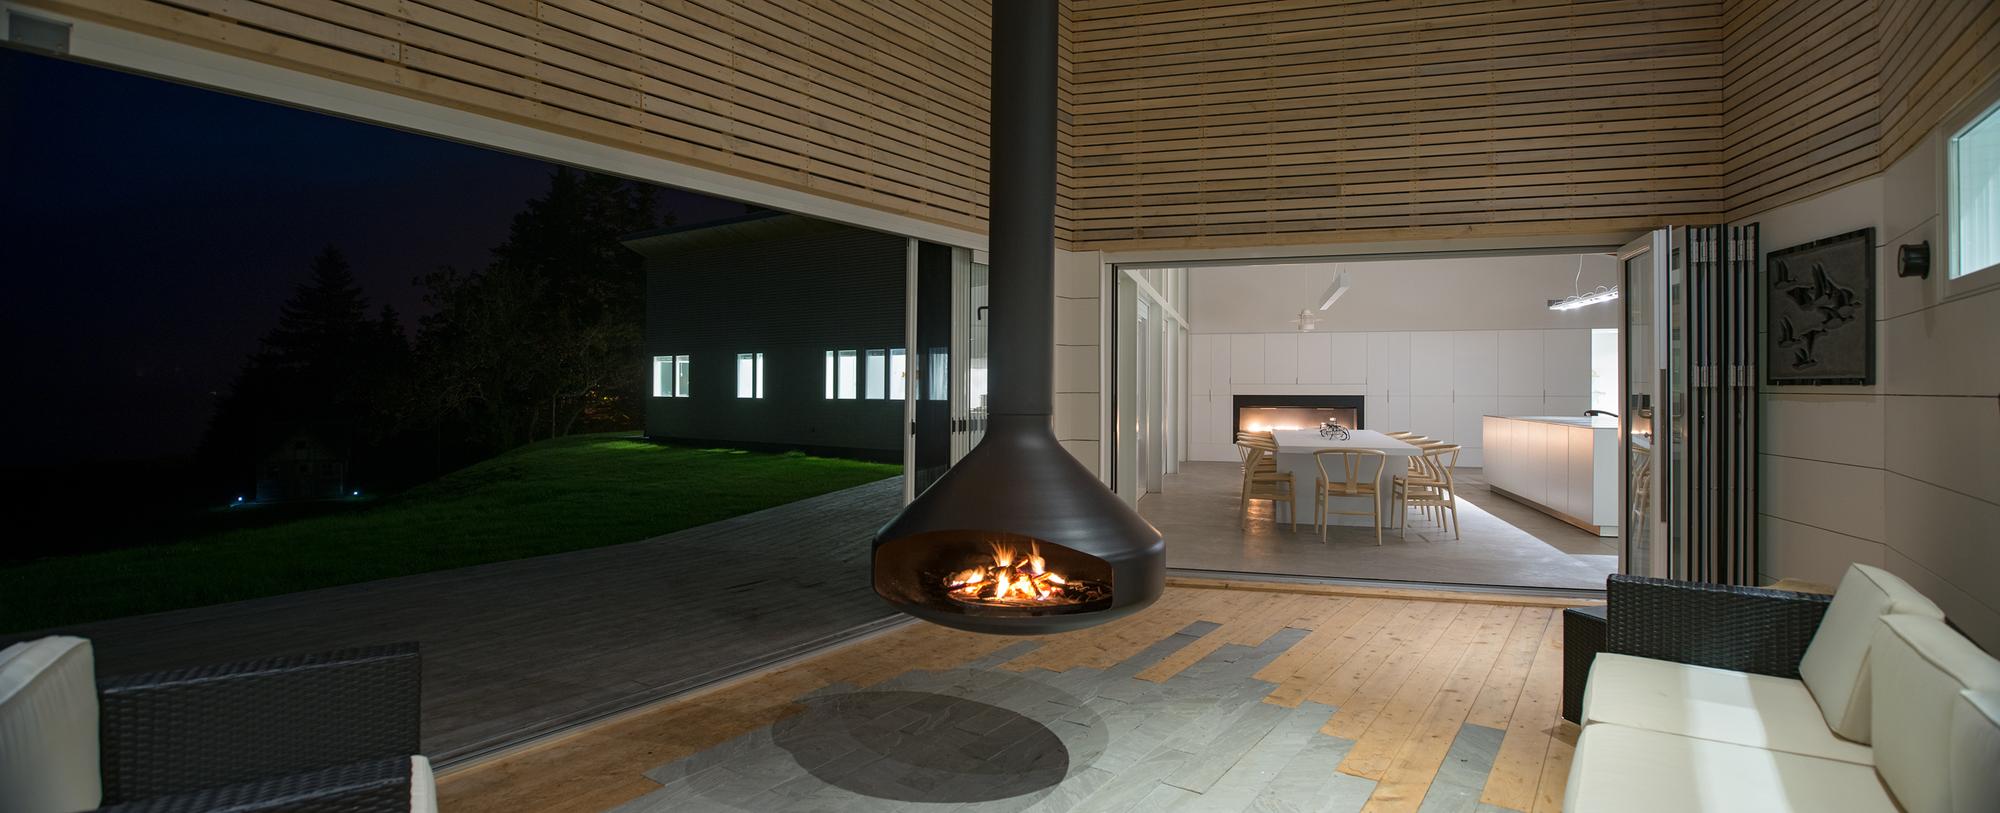 gallery of shantih omar gandhi architect 3. Black Bedroom Furniture Sets. Home Design Ideas